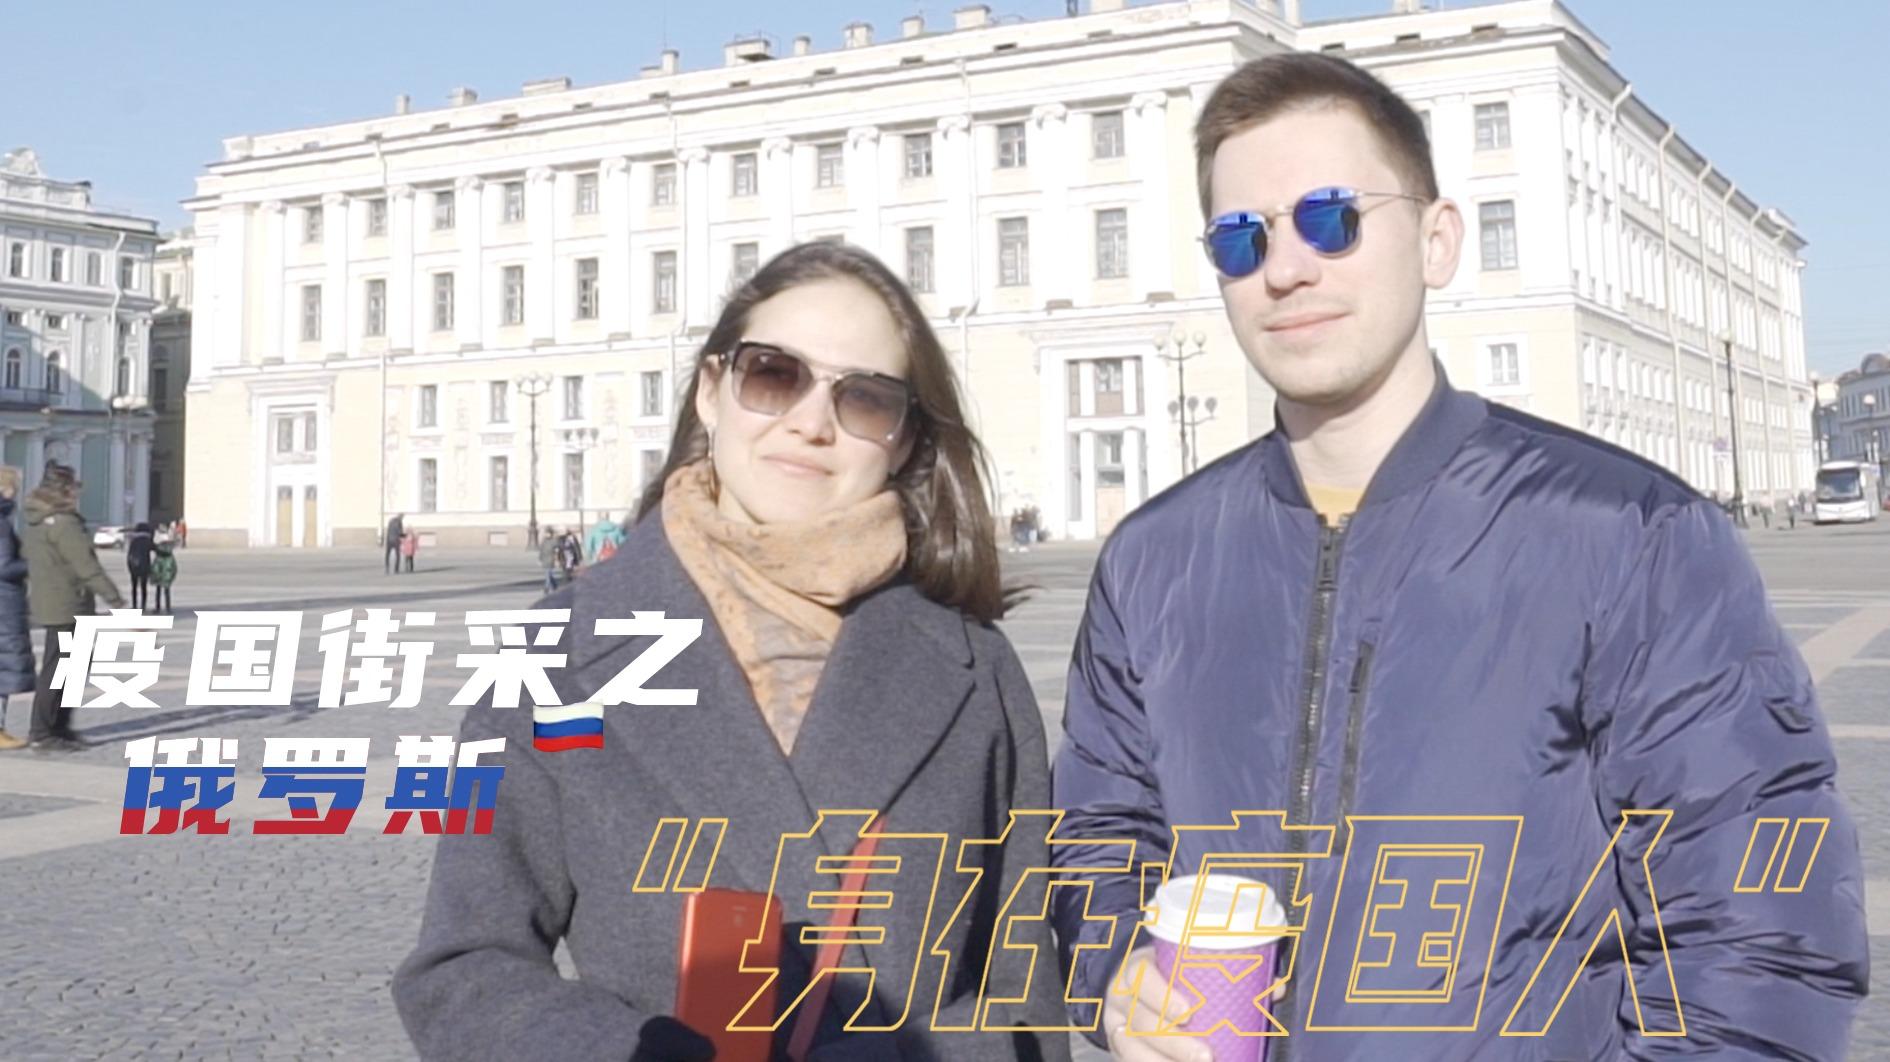 俄罗斯因疫情带薪休假一周,民众表示可以喝杯伏特加